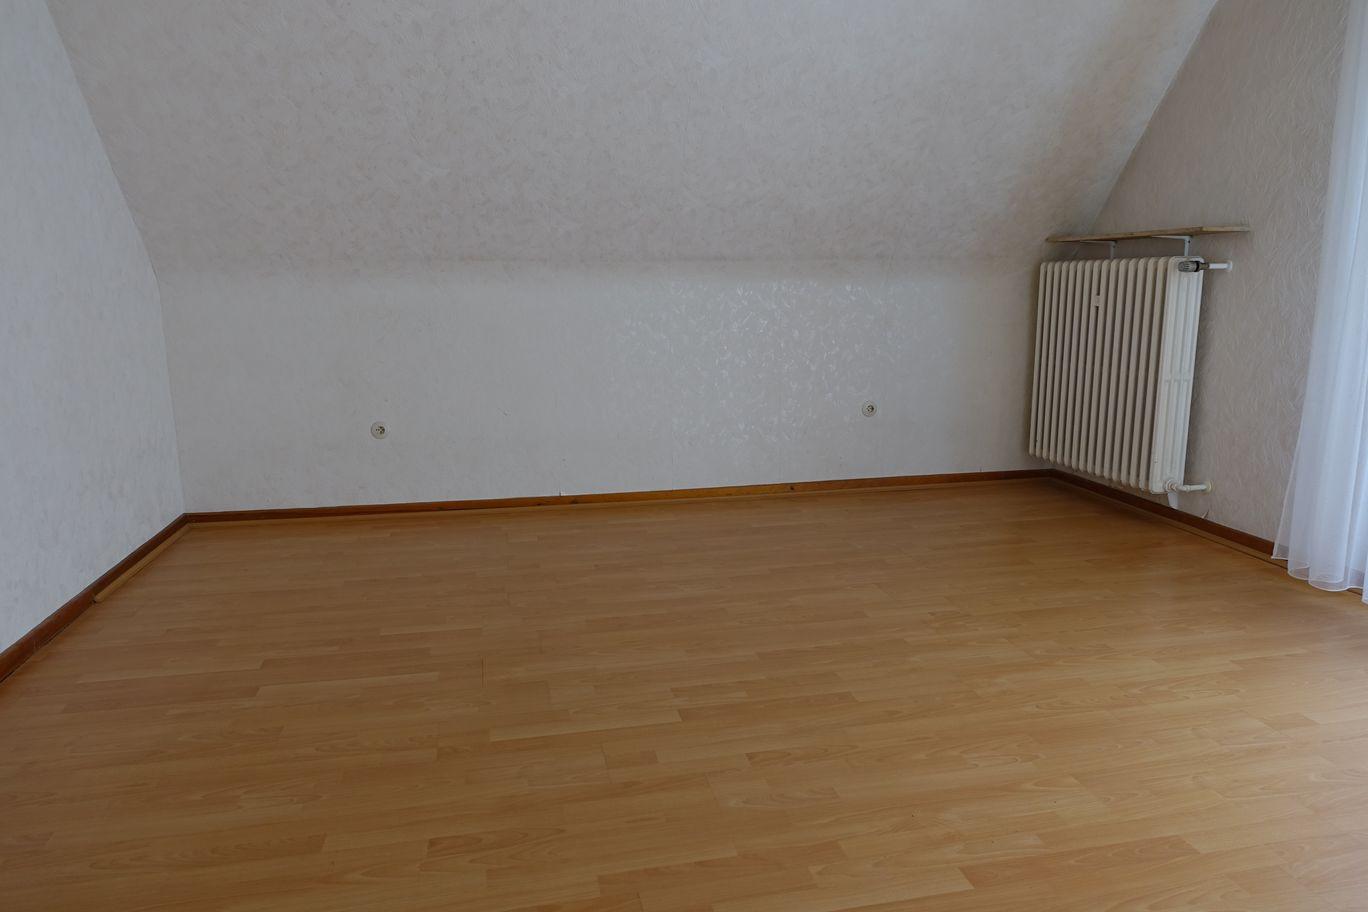 Schlafzimmer oben.JPG